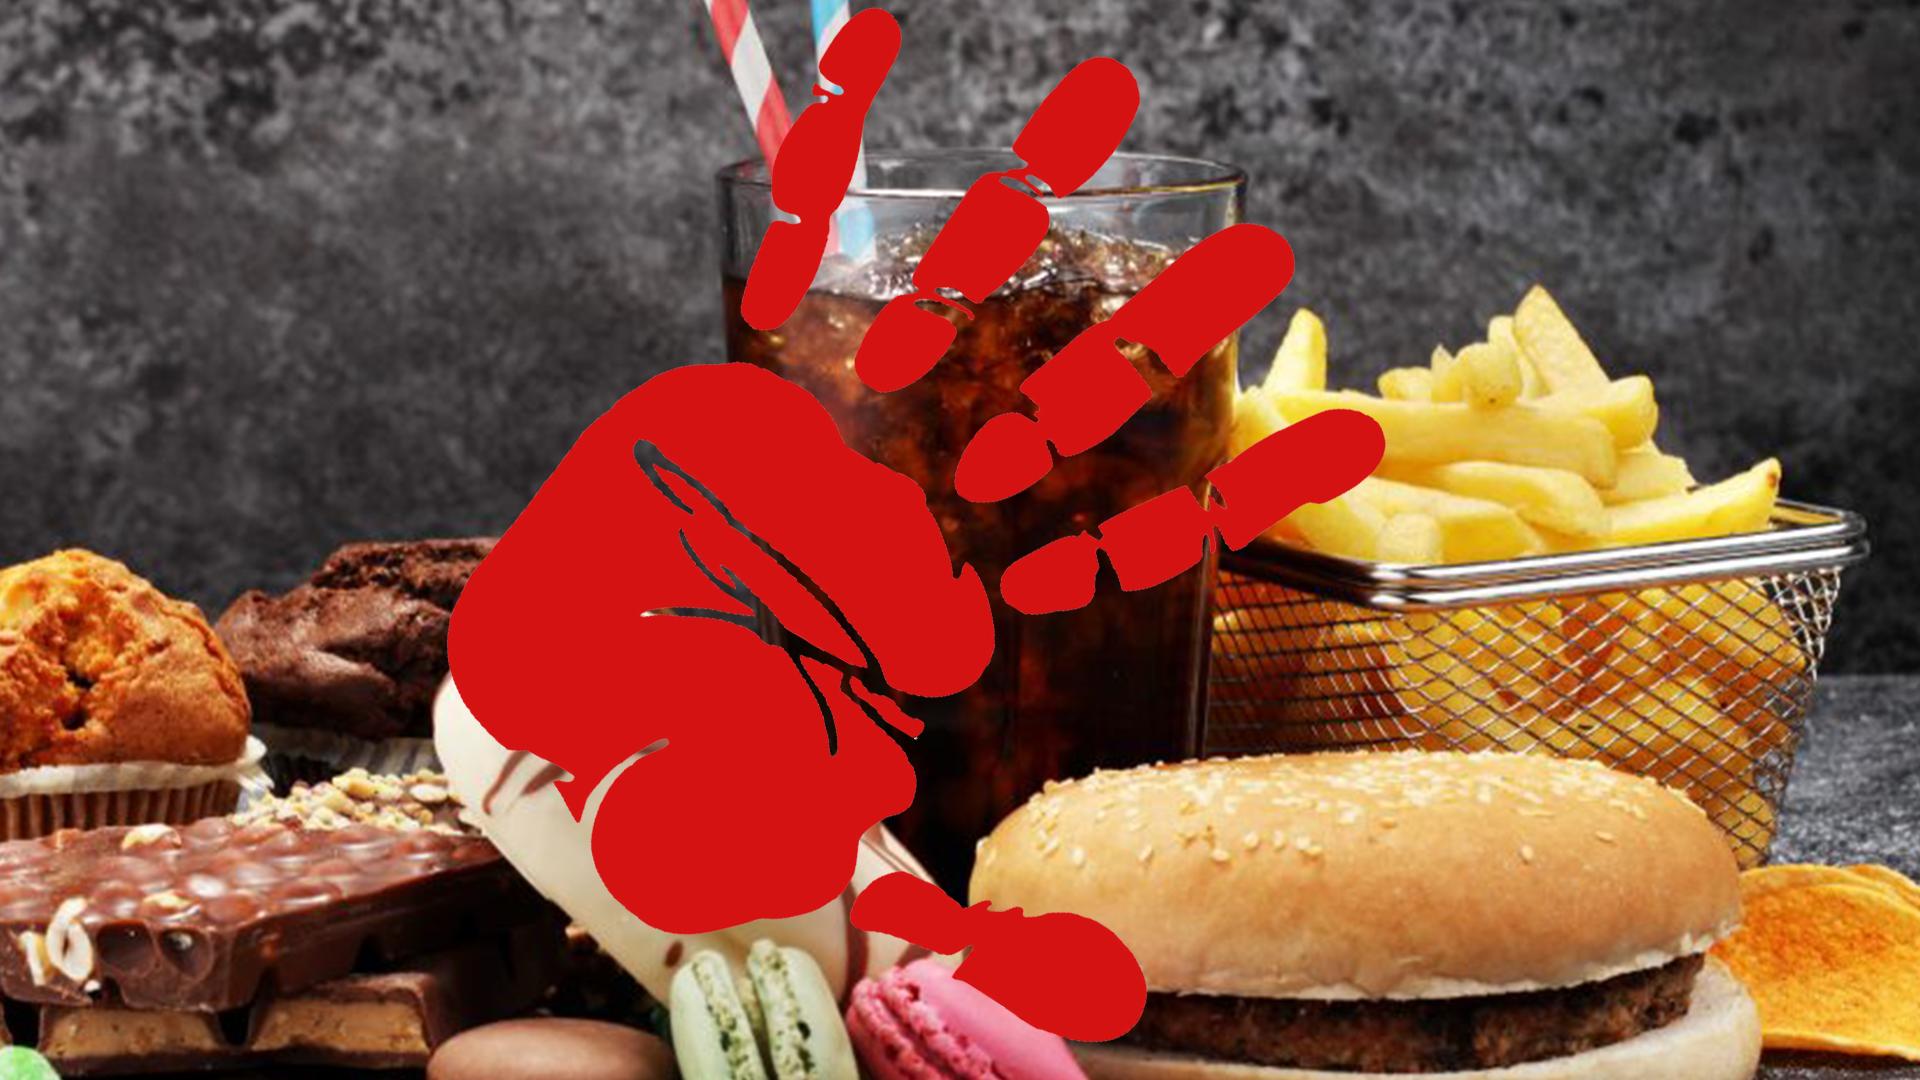 Contre la malbouffe/Appel au droit à bien manger